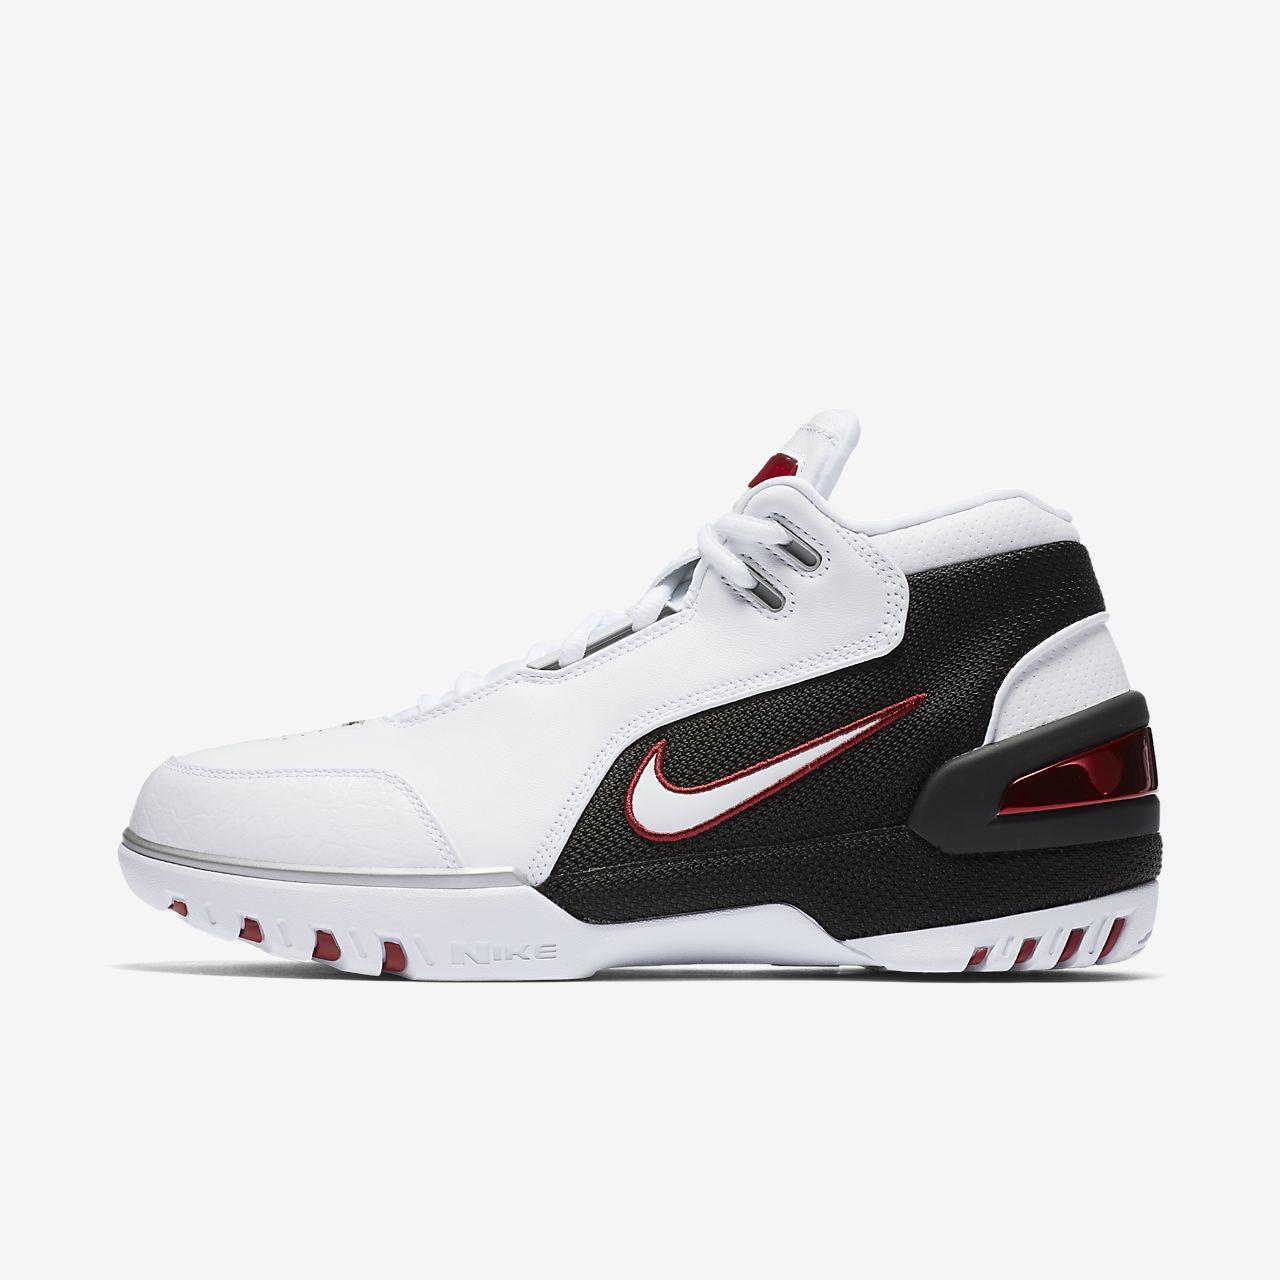 official photos e95c3 70ef1 ... Basketsko Nike Air Zoom Generation QS för män